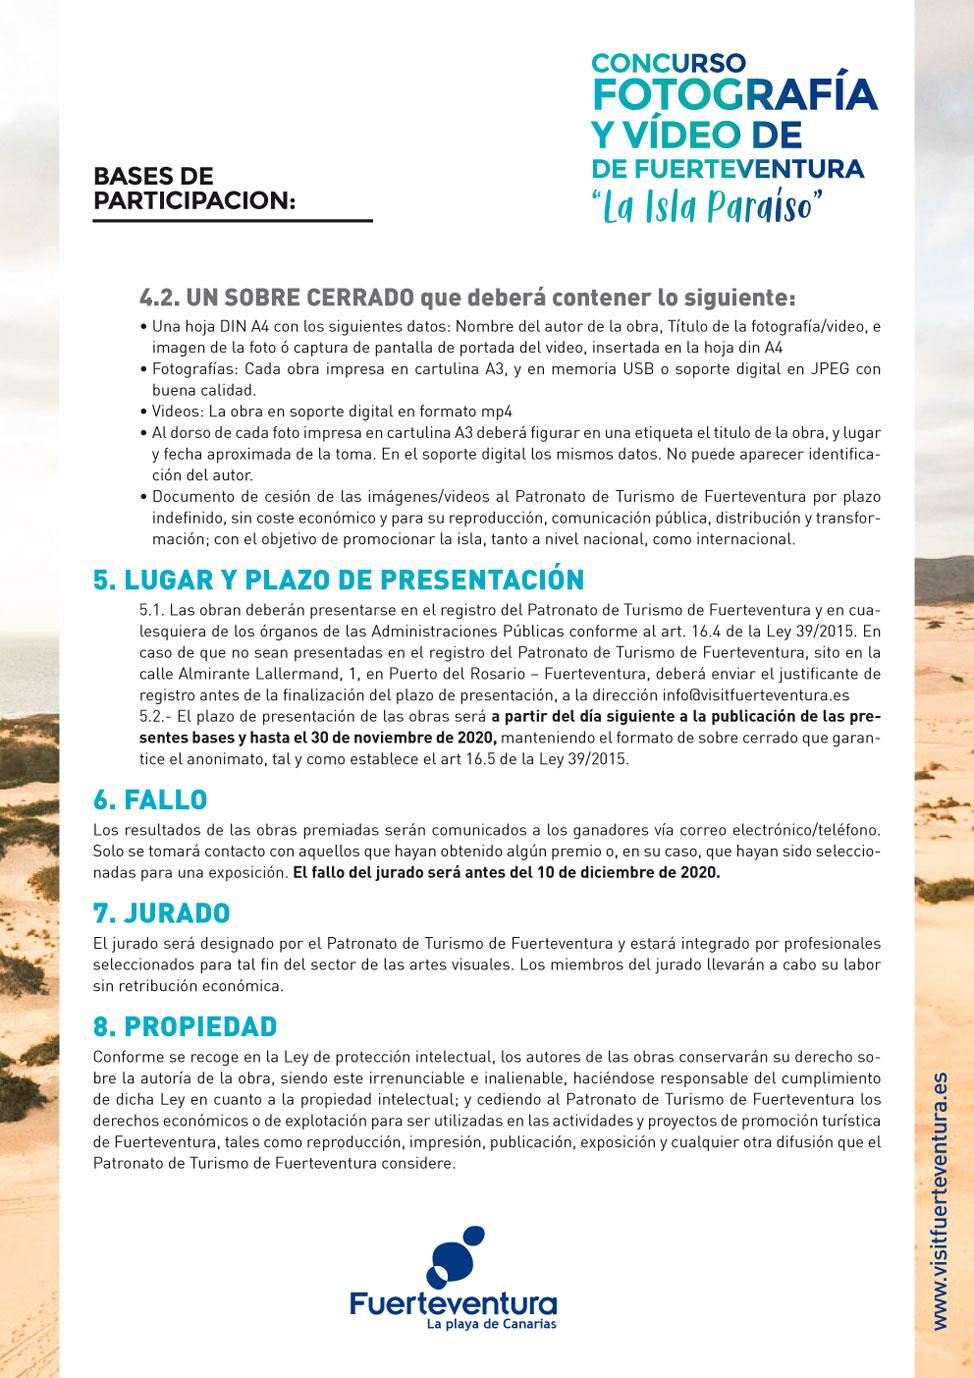 Bases Concurso de Fotografía y Video | Macaronesia Fuerteventura